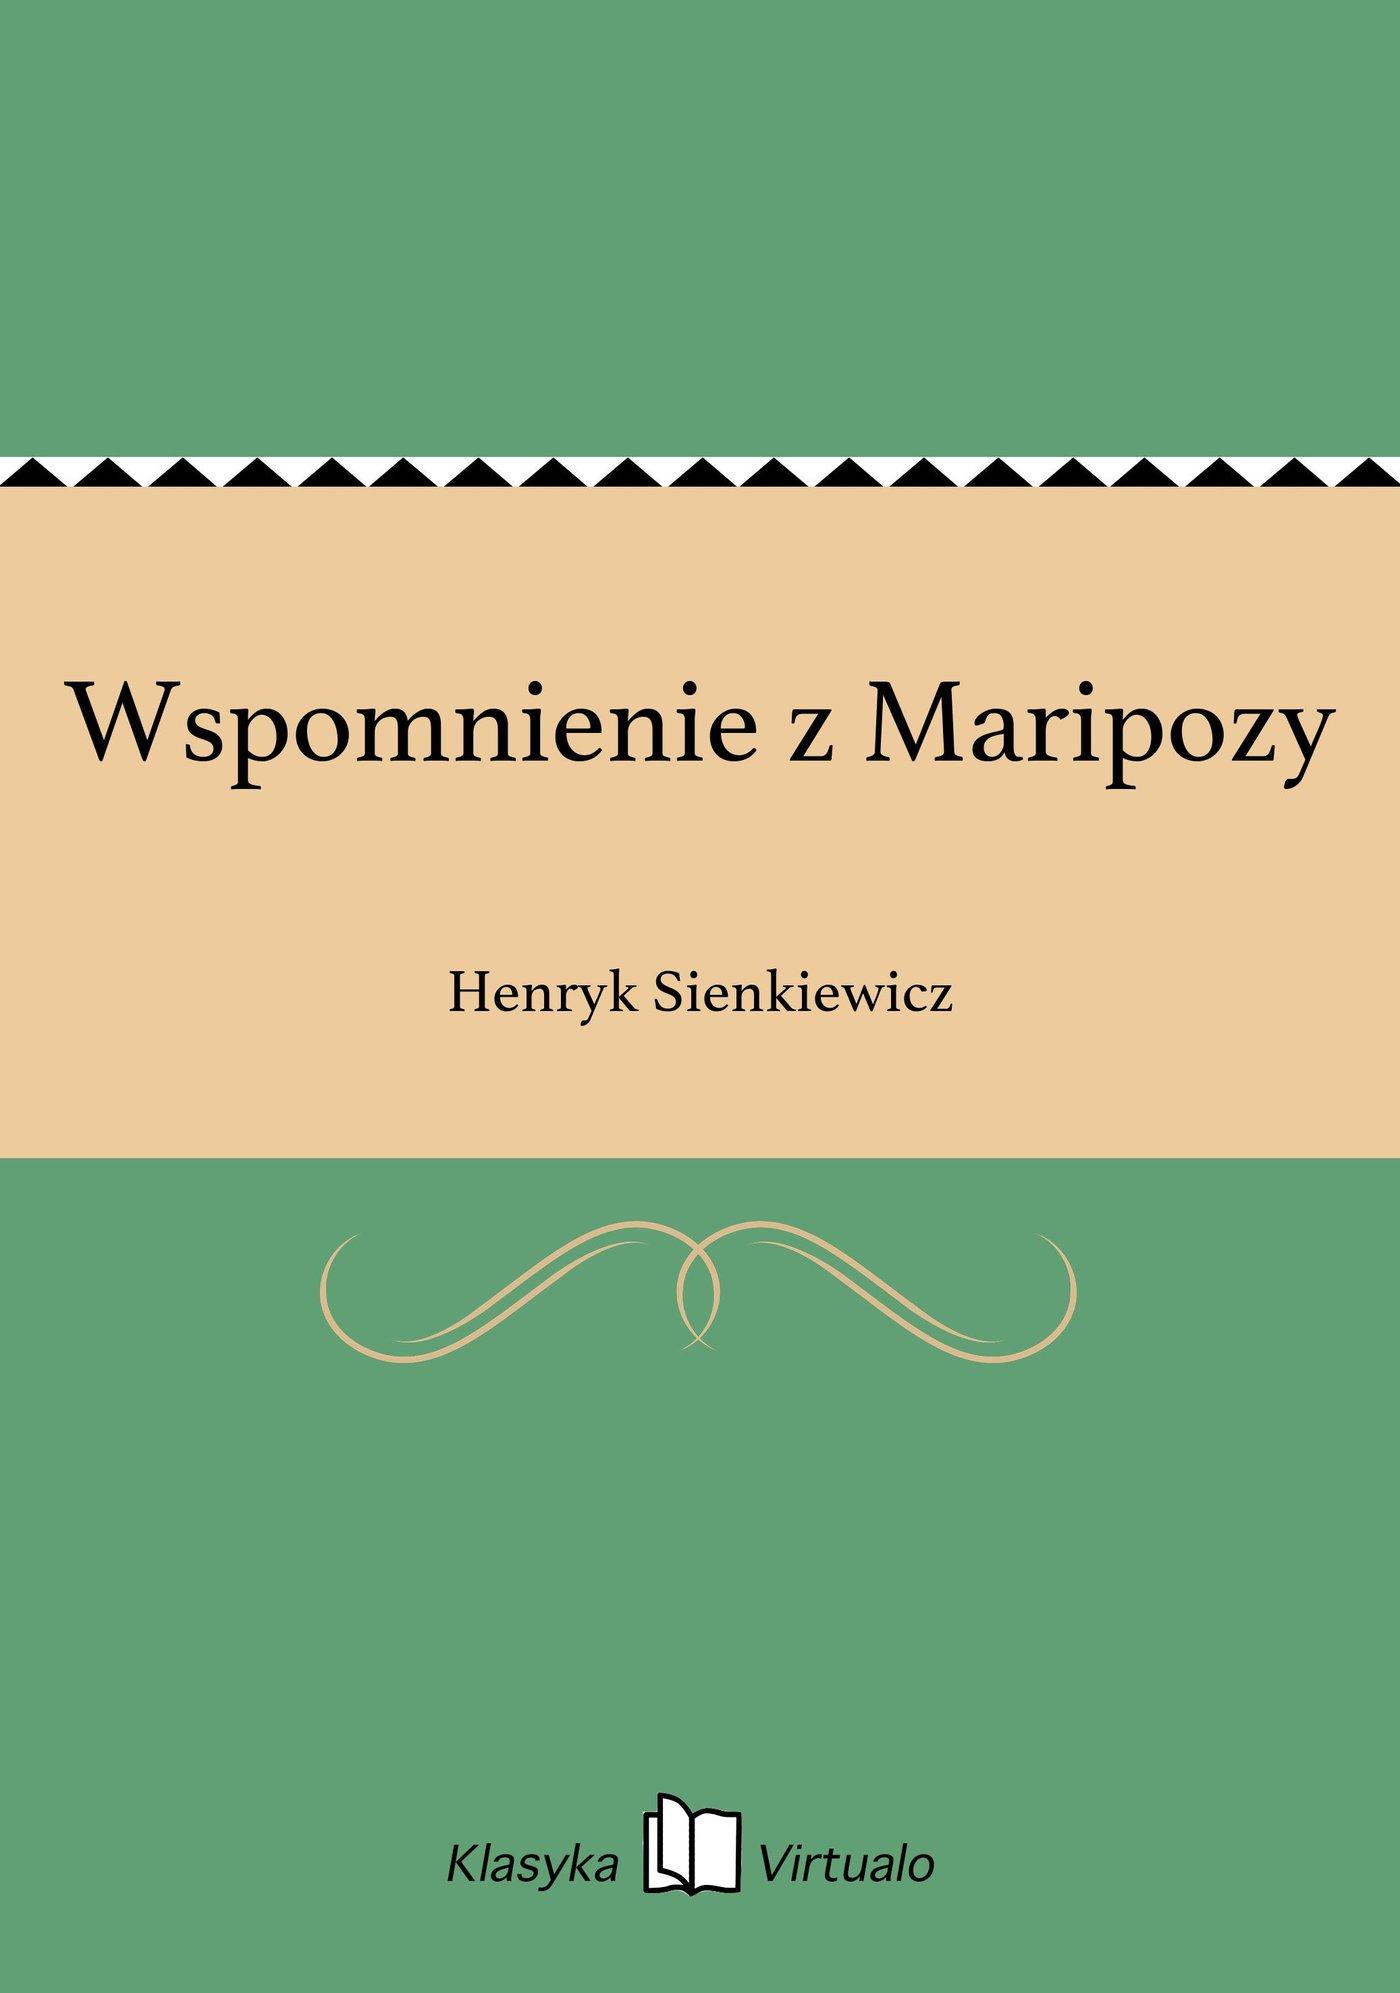 Wspomnienie z Maripozy - Ebook (Książka na Kindle) do pobrania w formacie MOBI